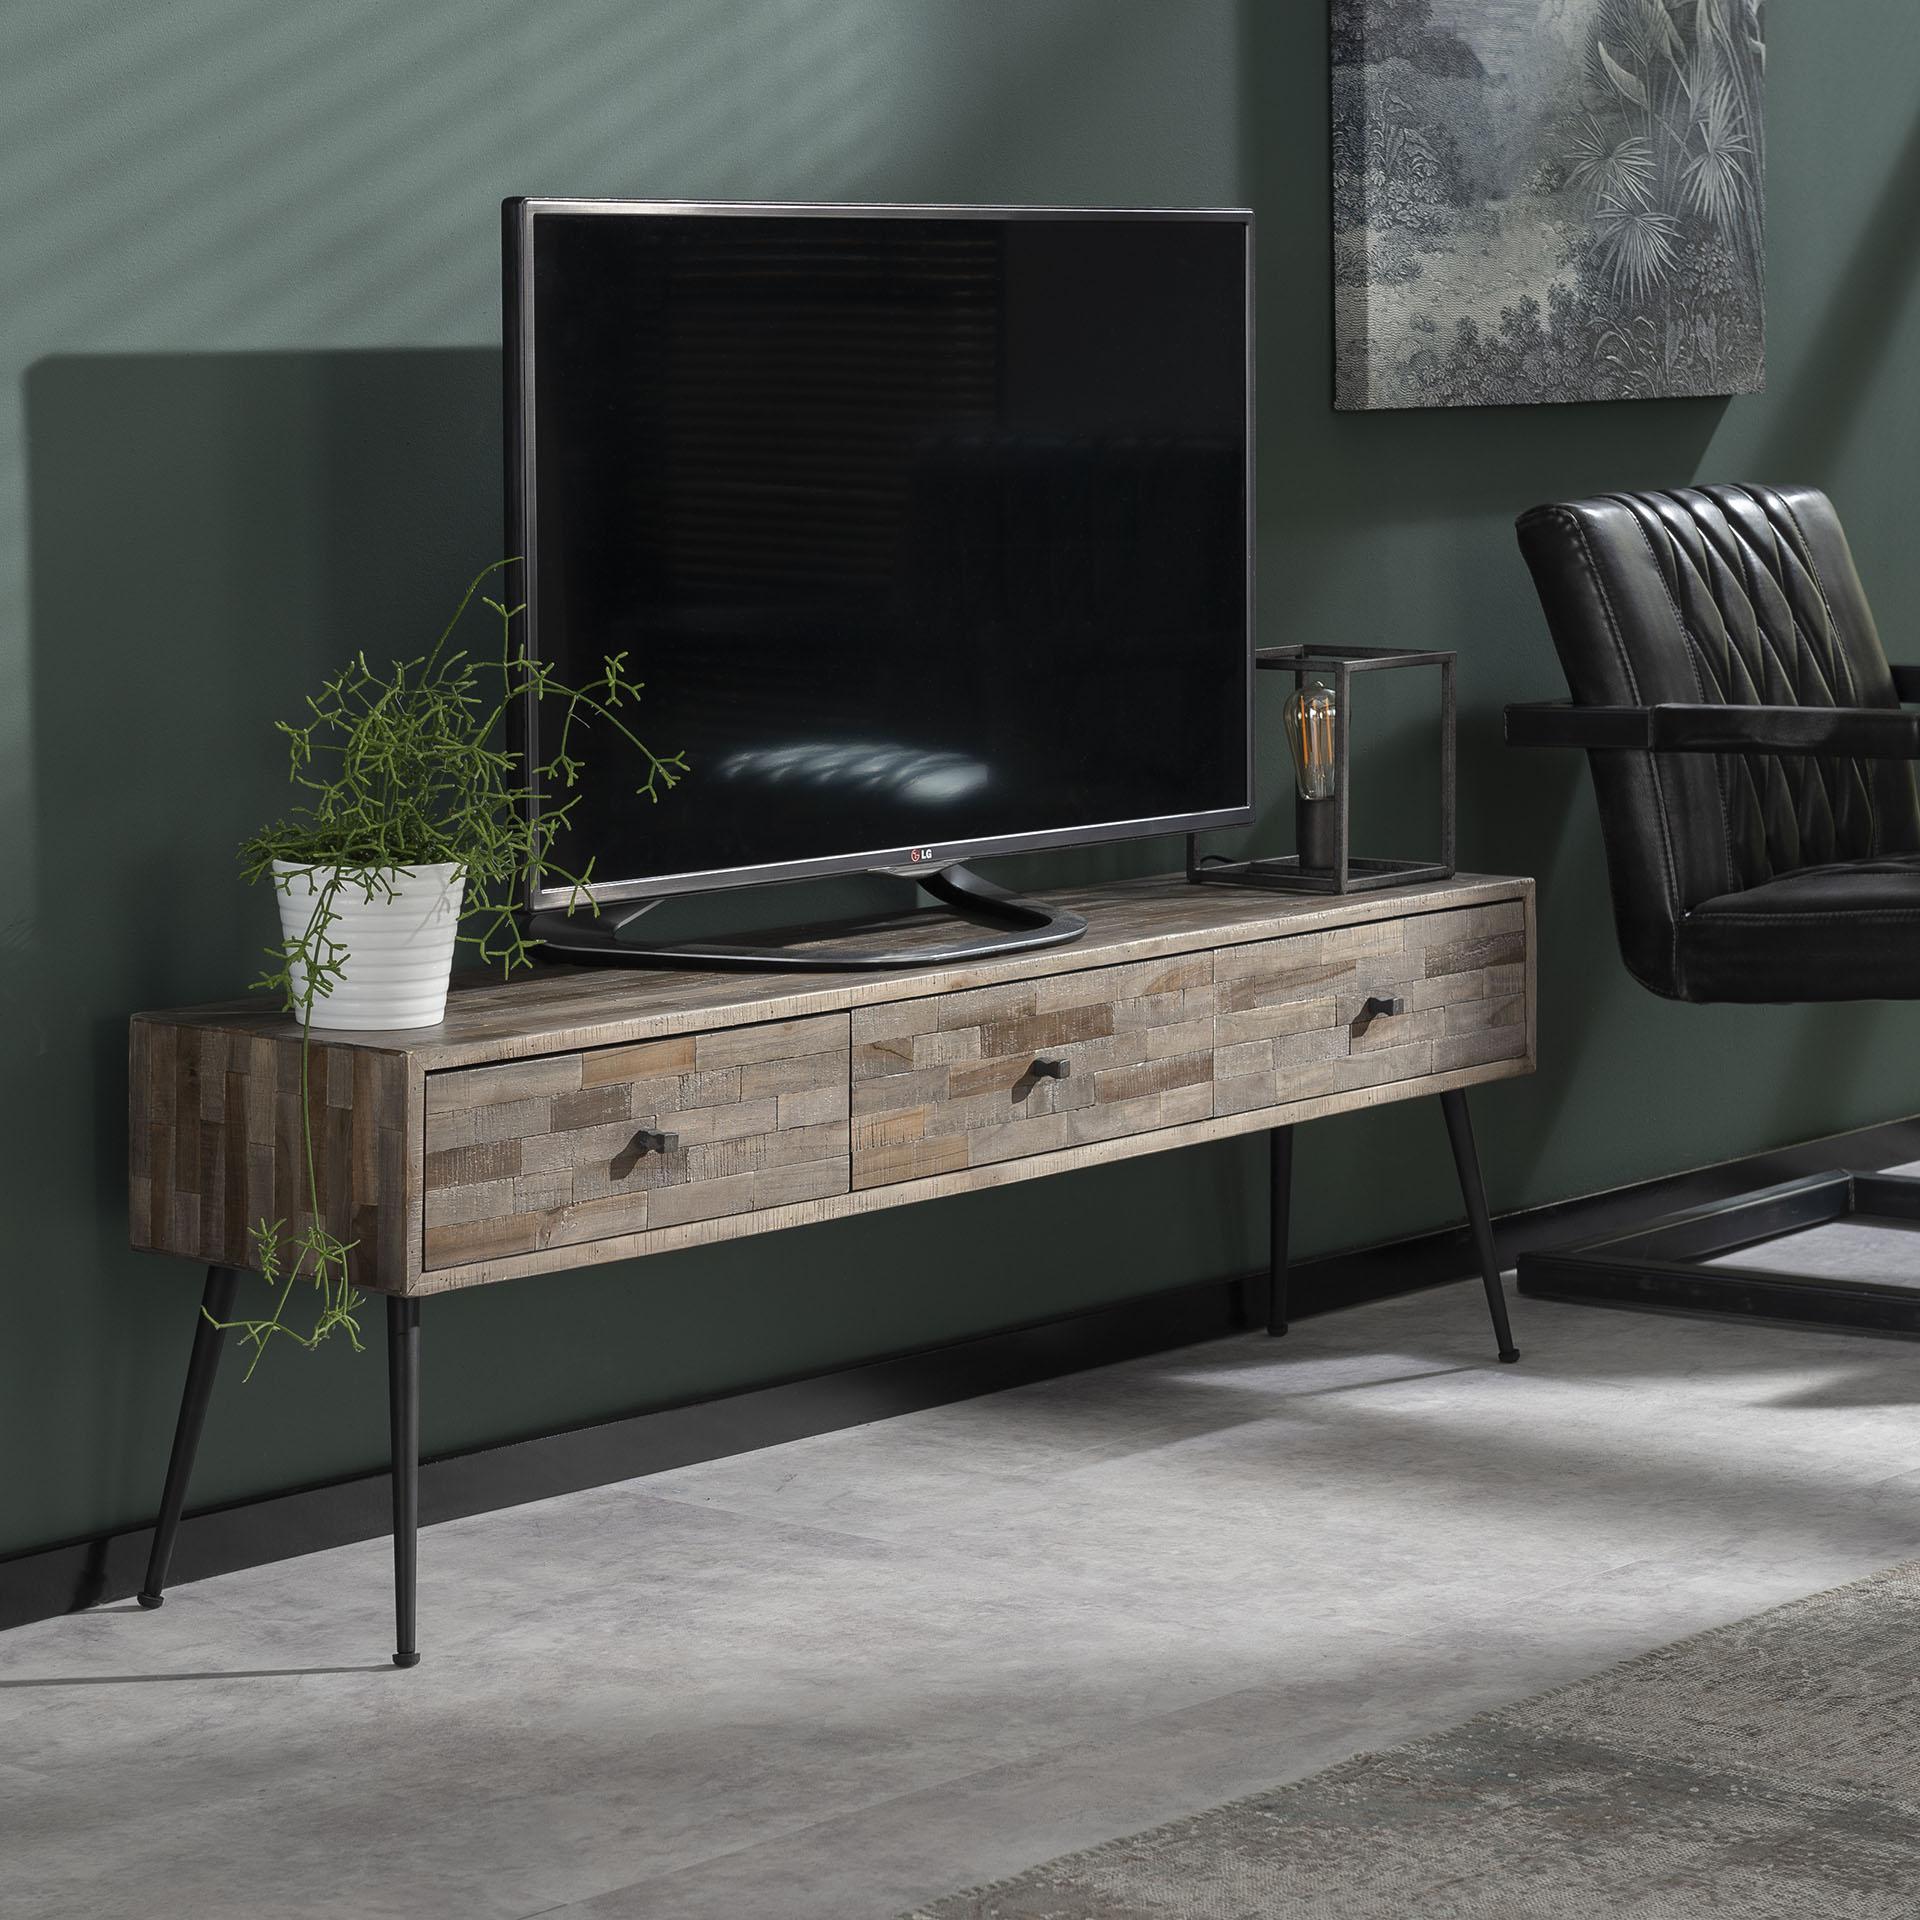 TV-meubel 'Teca' 150cm vergelijken LifestyleFurn